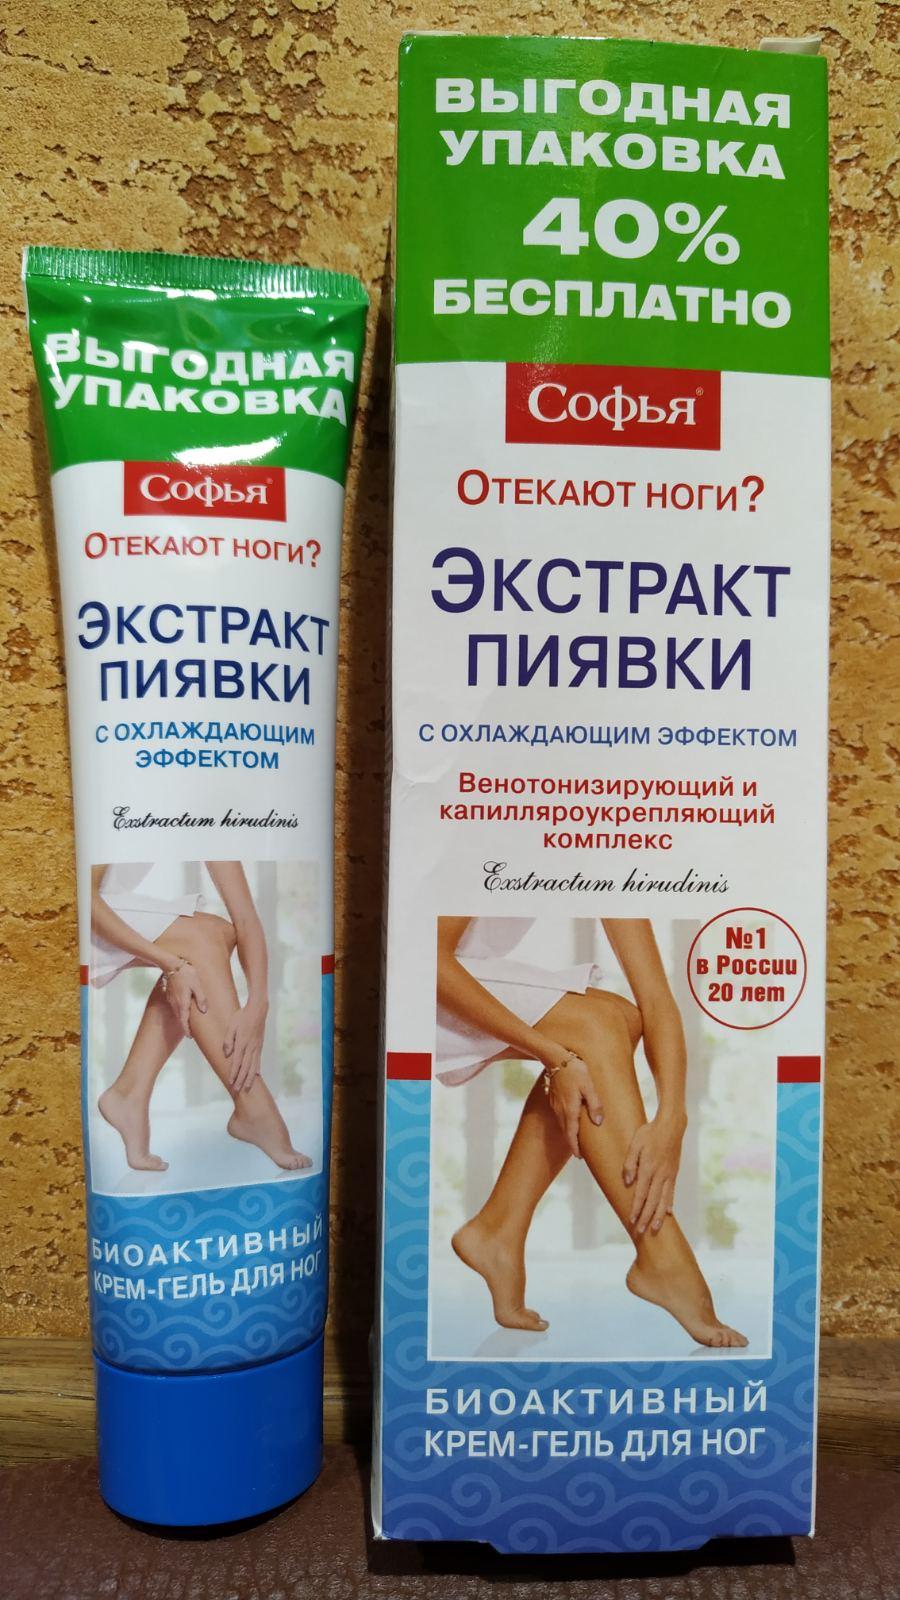 Крем софья с пиявками для ног отзывы